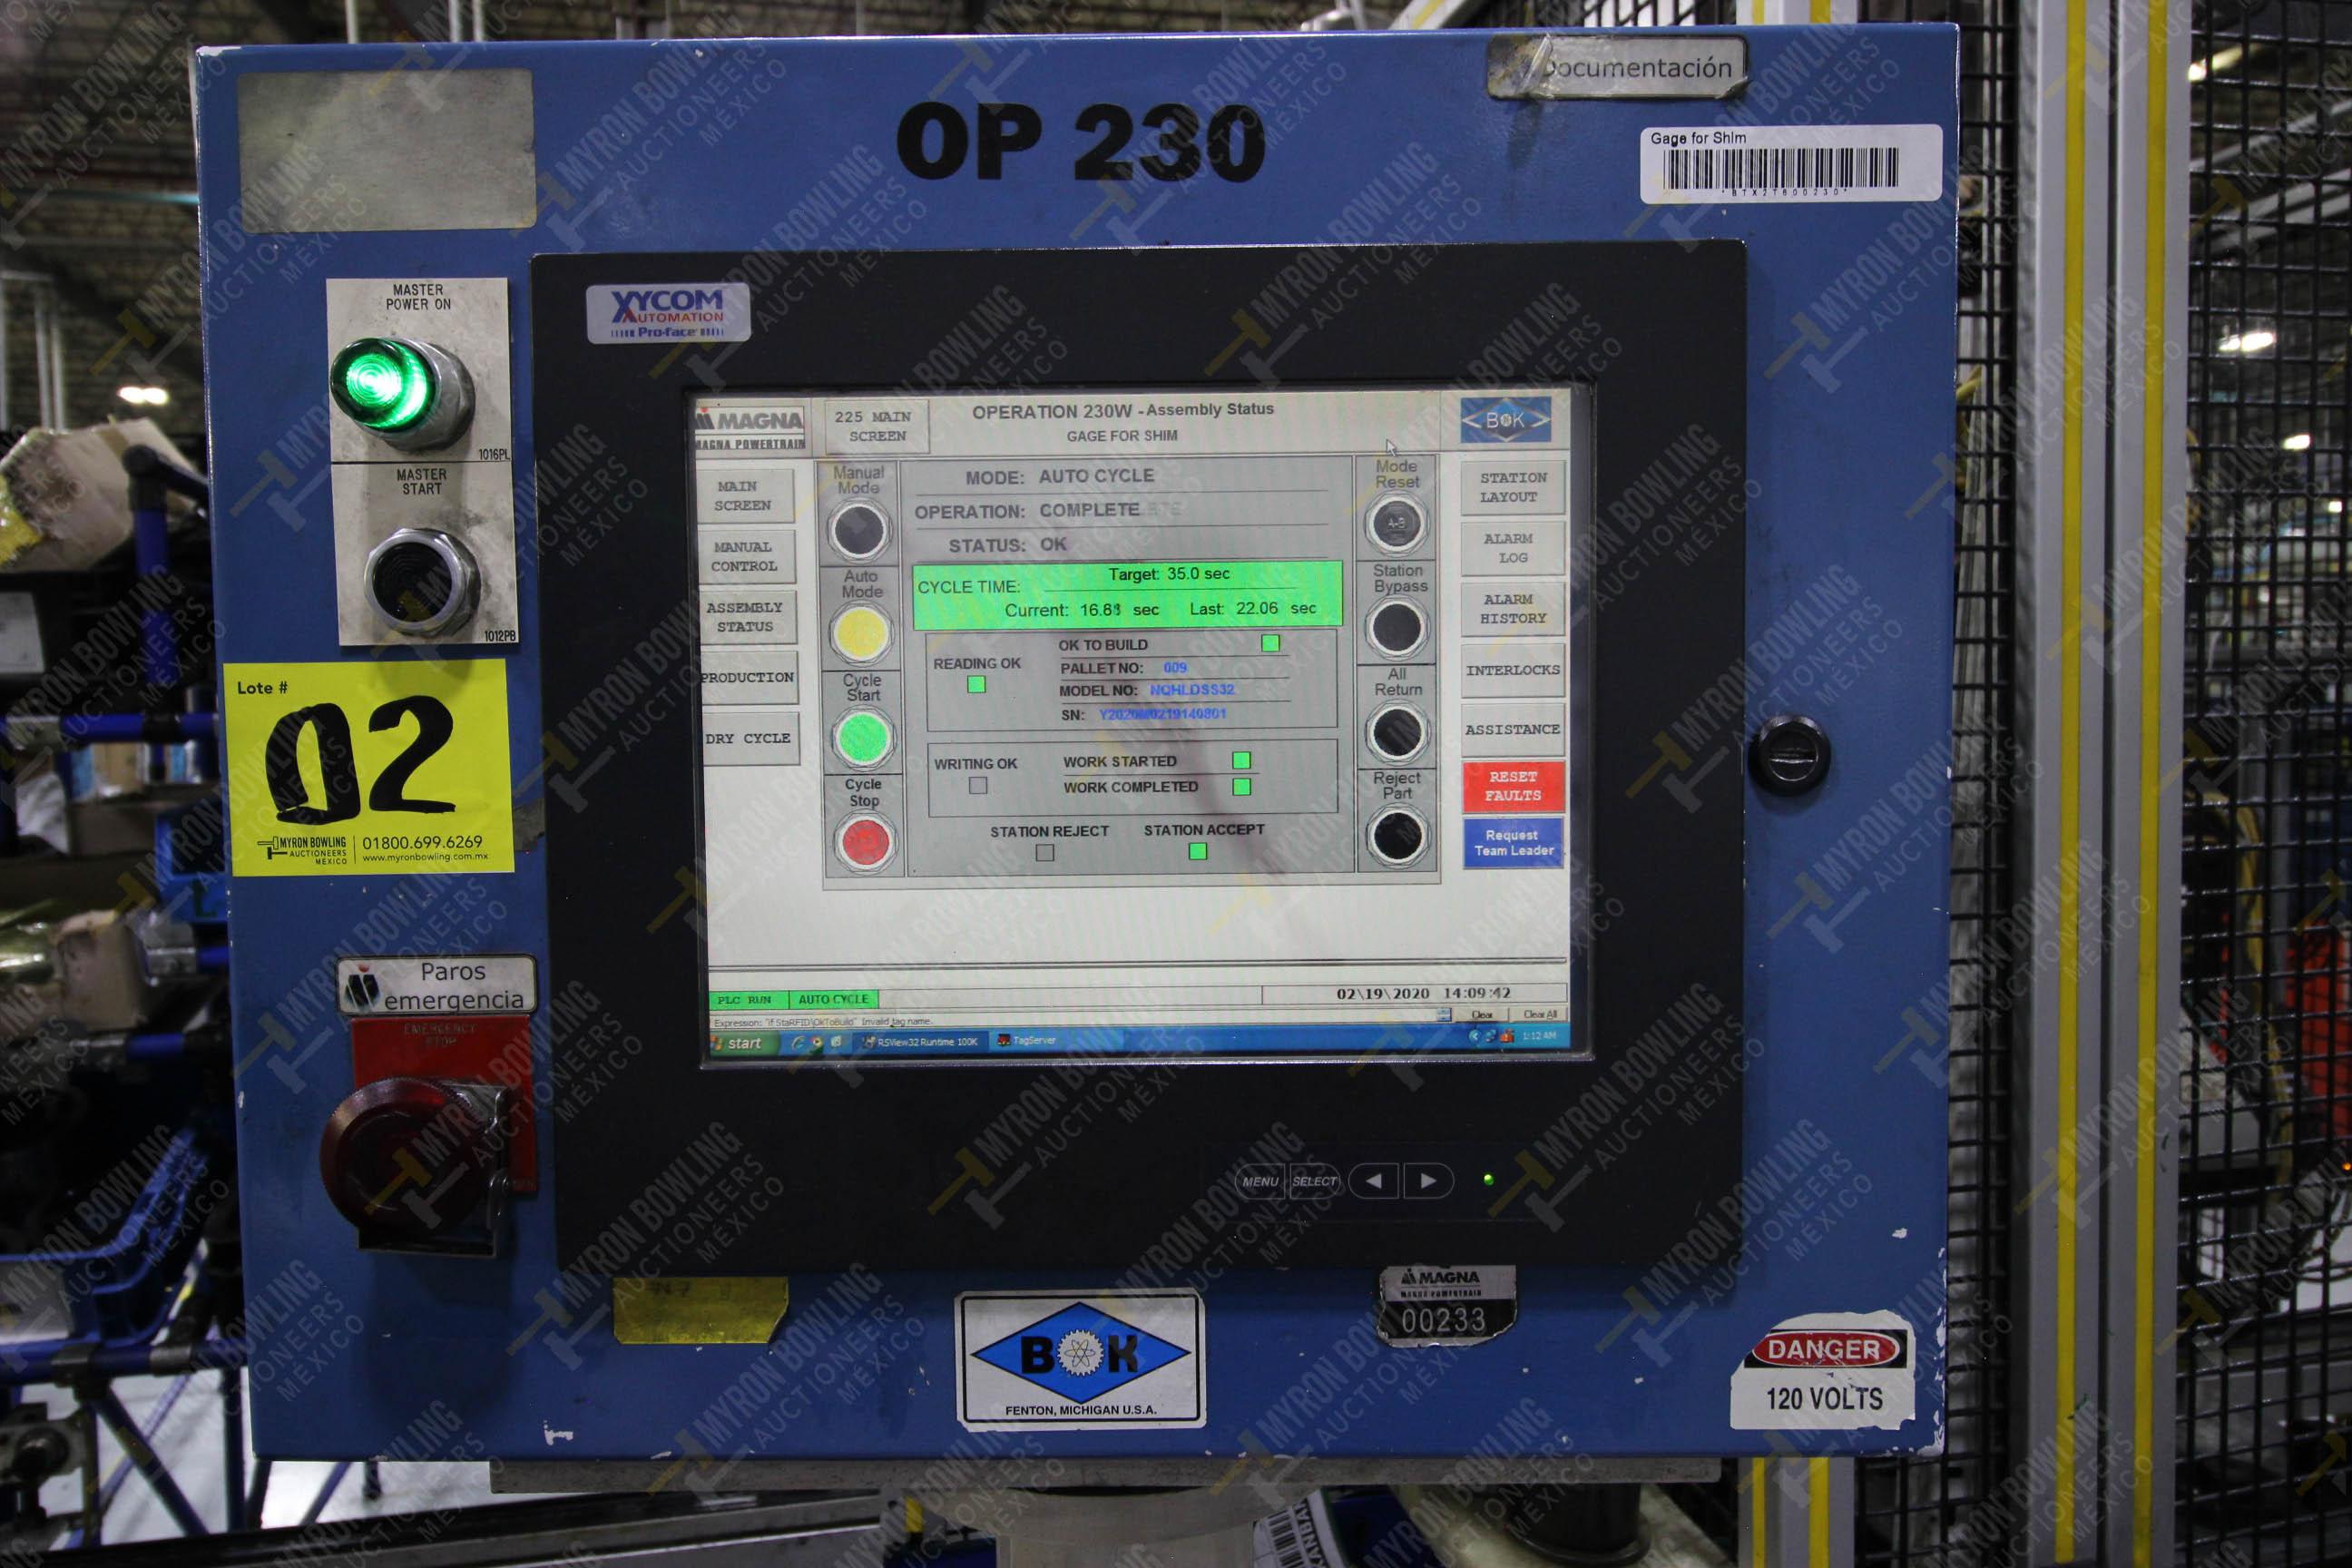 Estación automática para operación 230, para medición de gap - Image 24 of 36